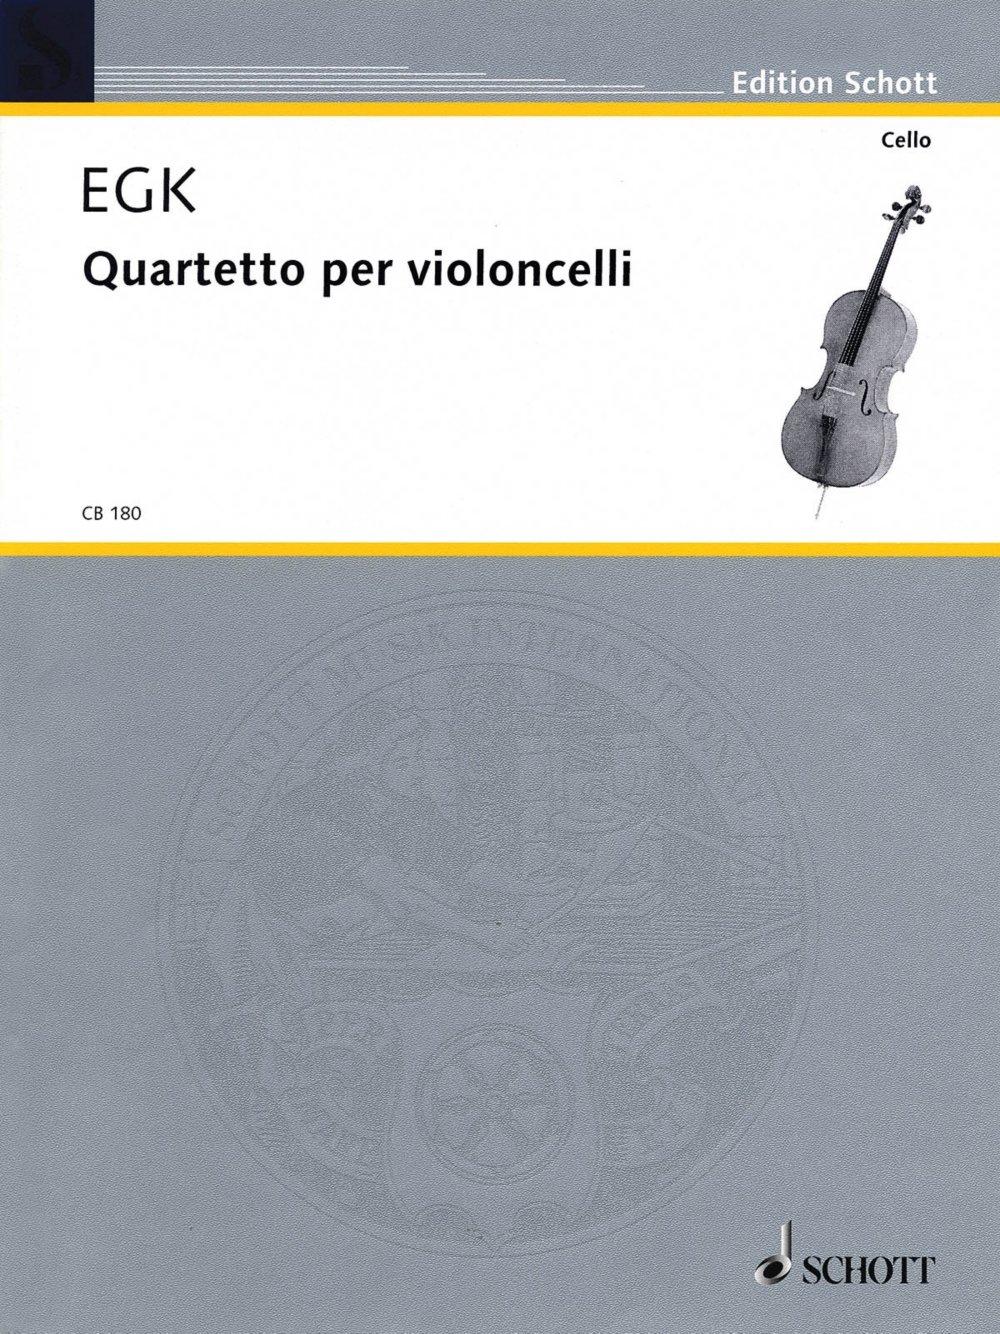 Schott Quartet for Violoncellos Schott Series Composed by Werner Egk pdf